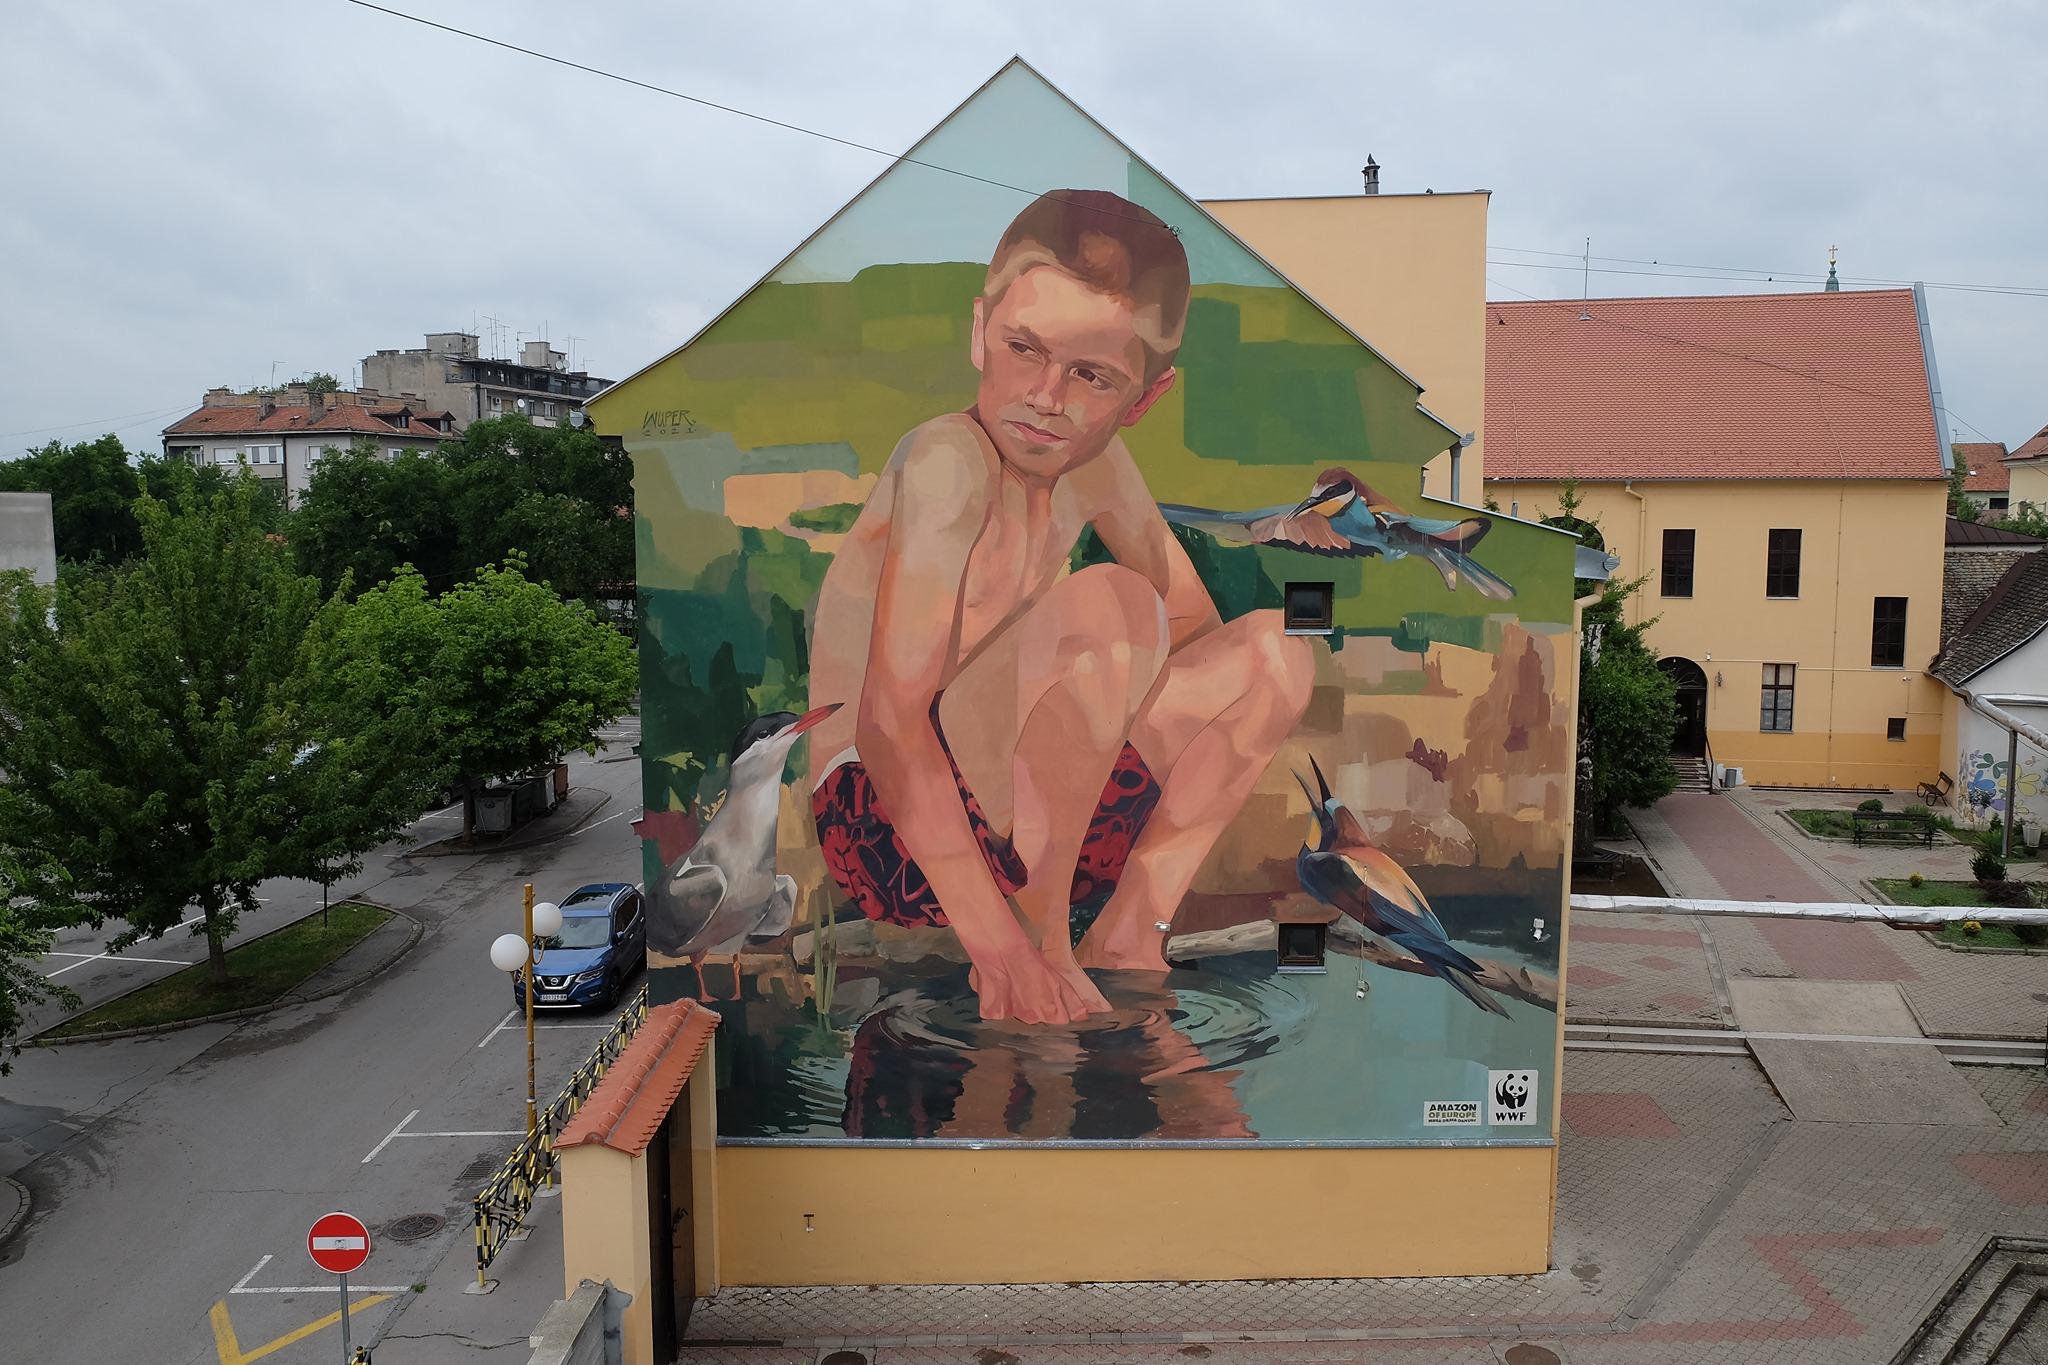 [FOTO] Poruka koju šalje ovaj mural danas odzvanja glasnije nego ikad